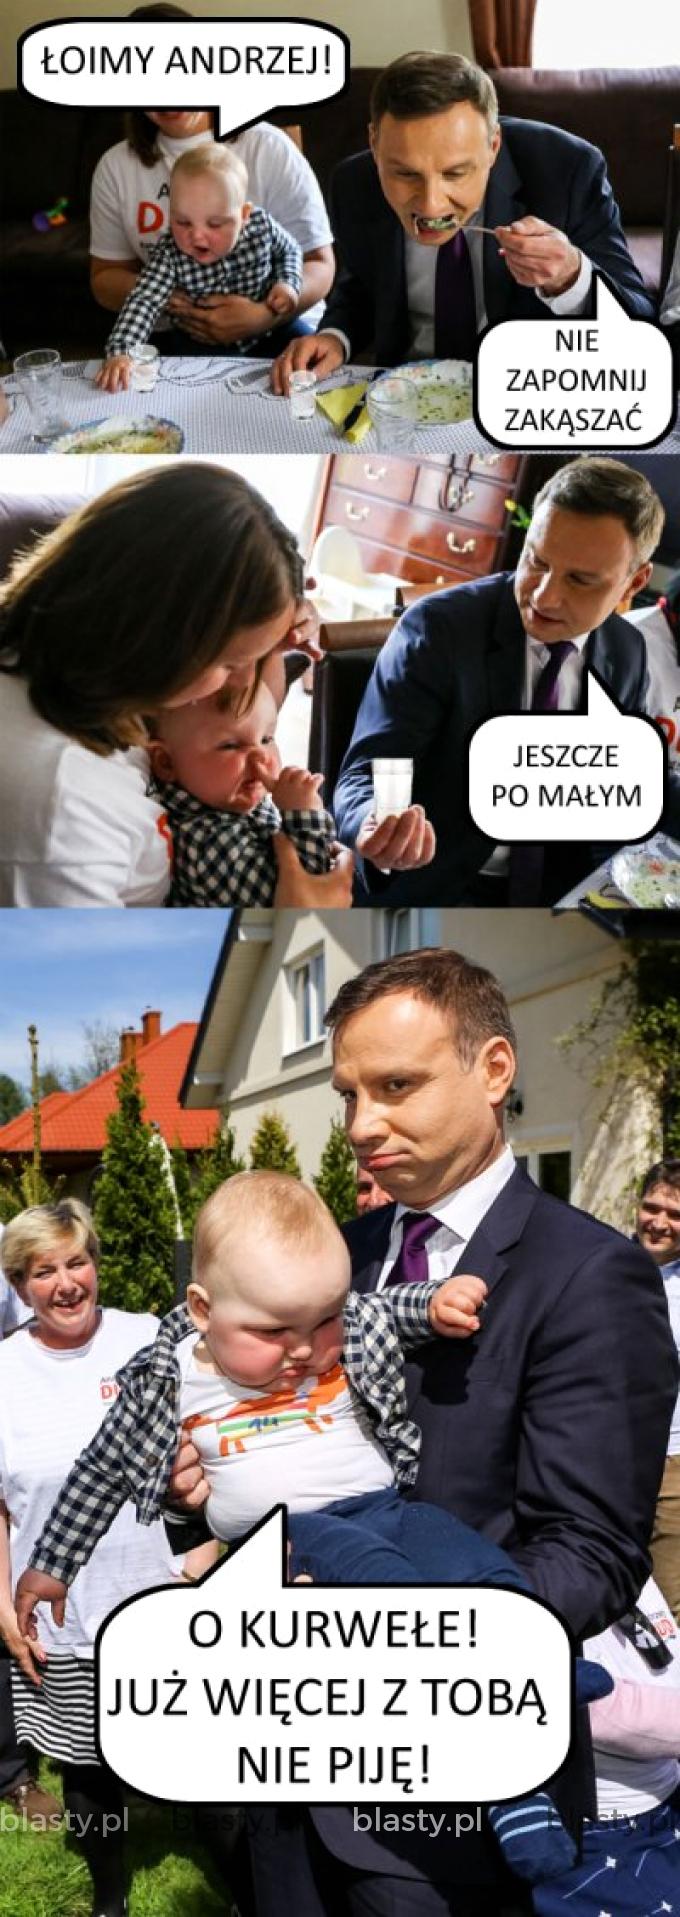 Łoimy Andrzej - nie zapomnij zakąszać